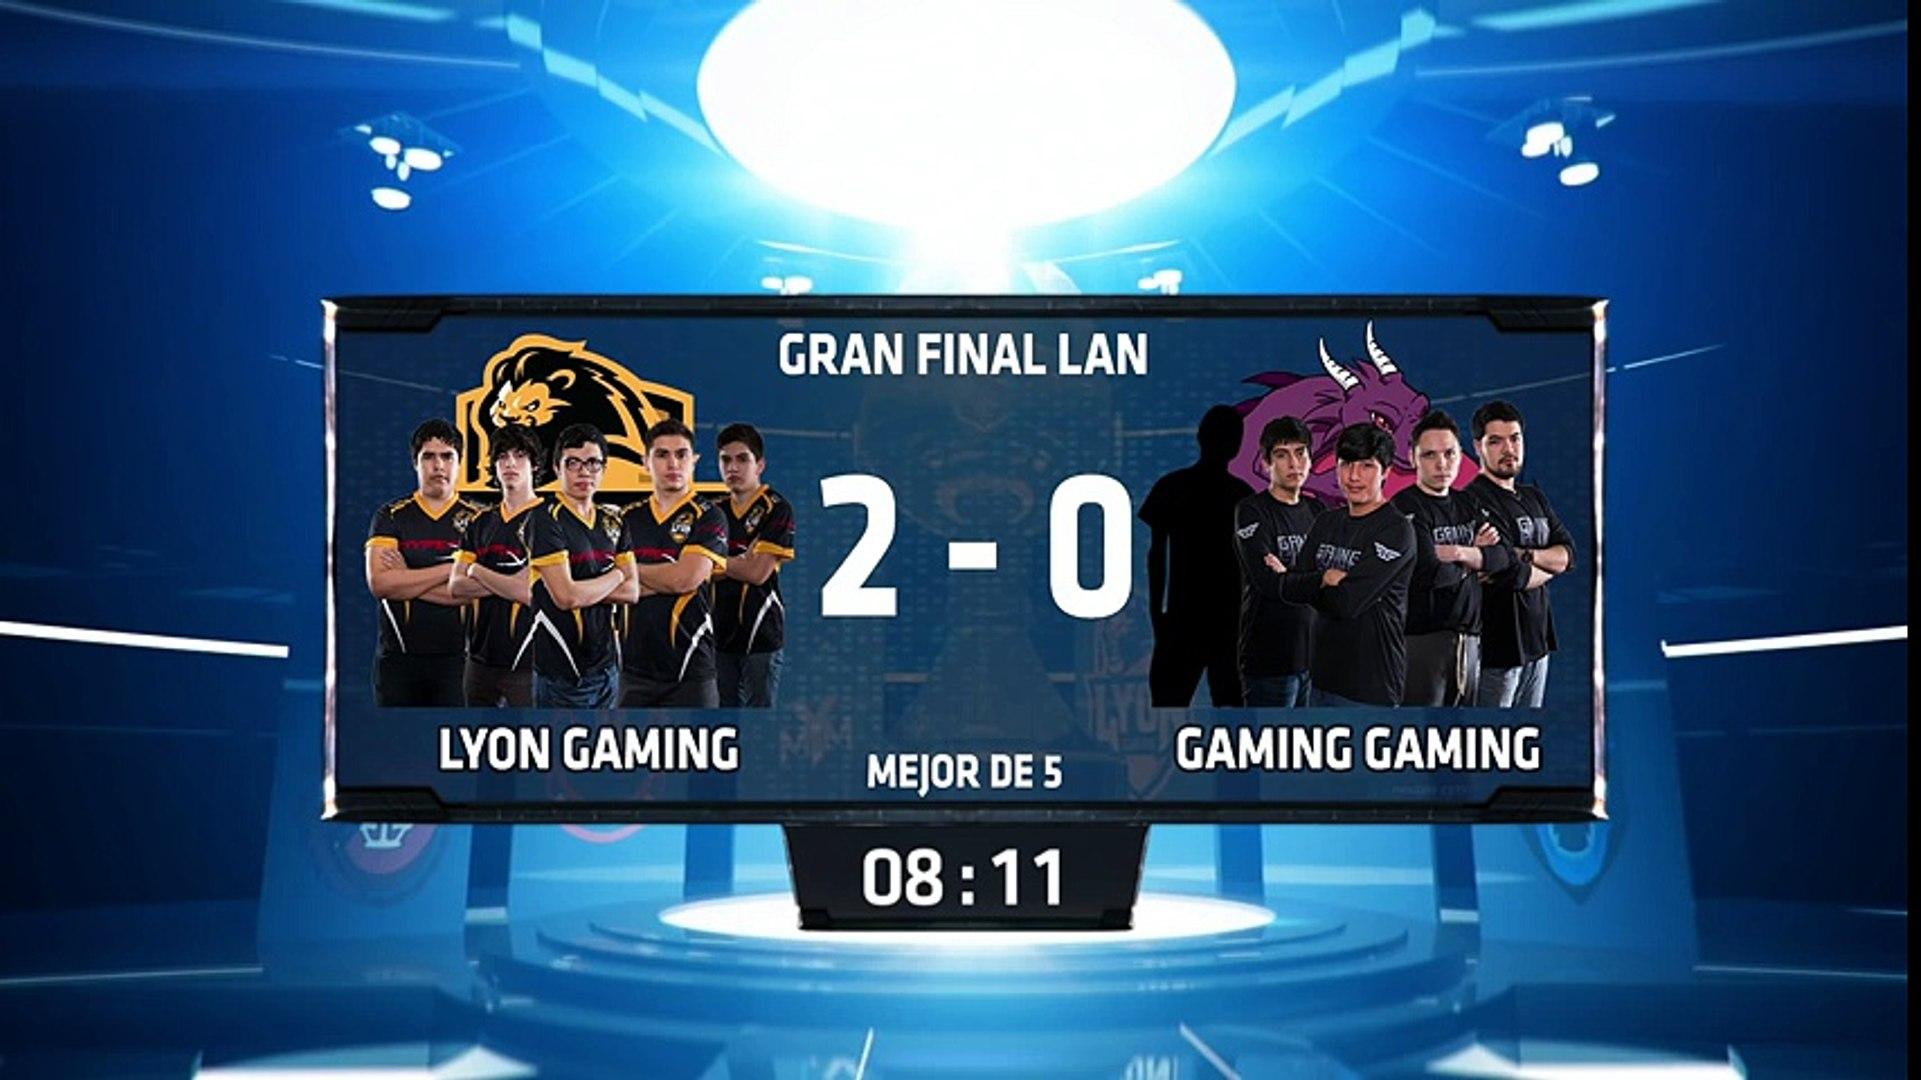 Lyon Gaming vs Gaming Gaming - La Final 66